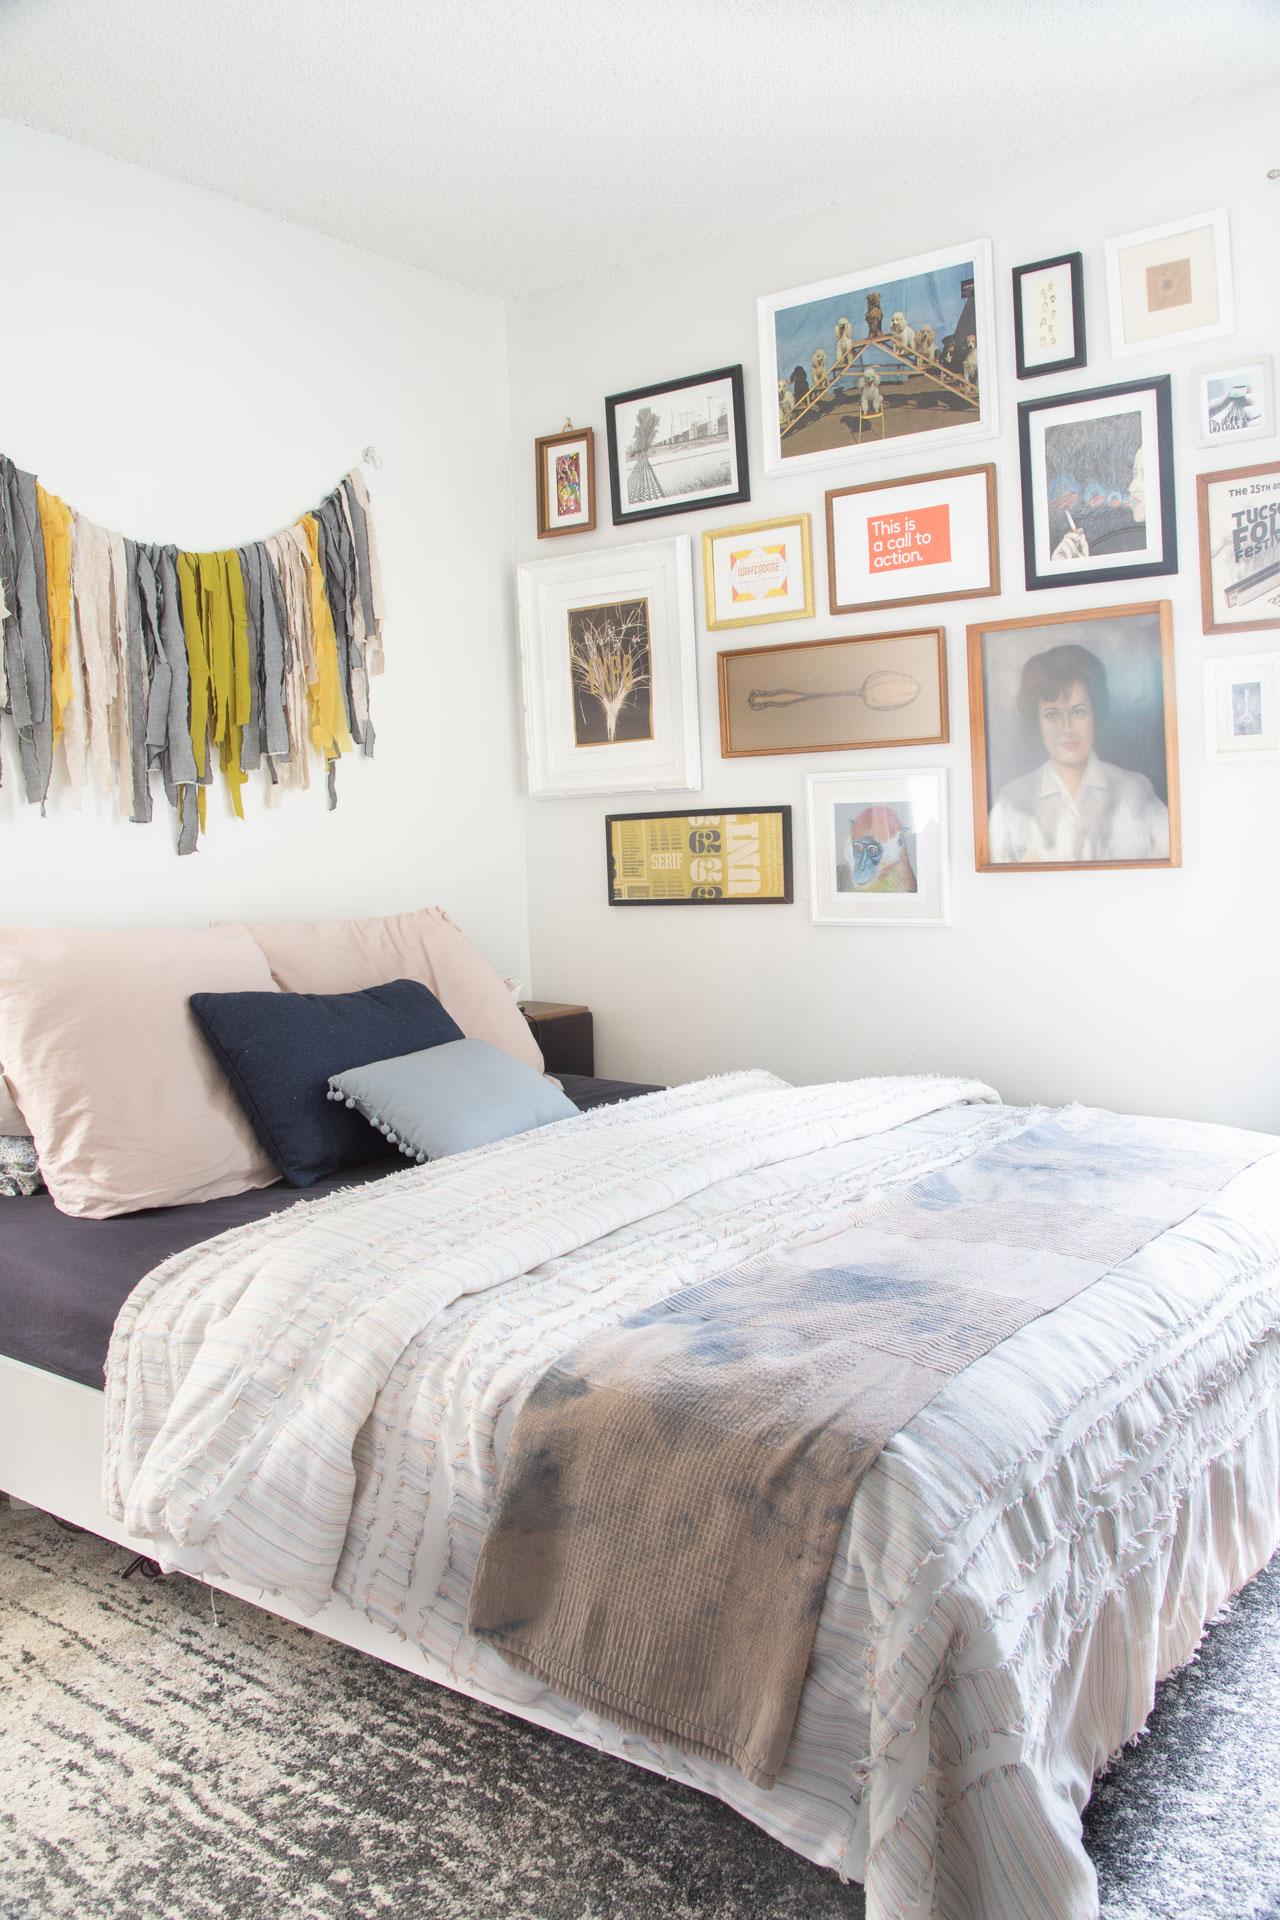 House-Bedroom-Dec19